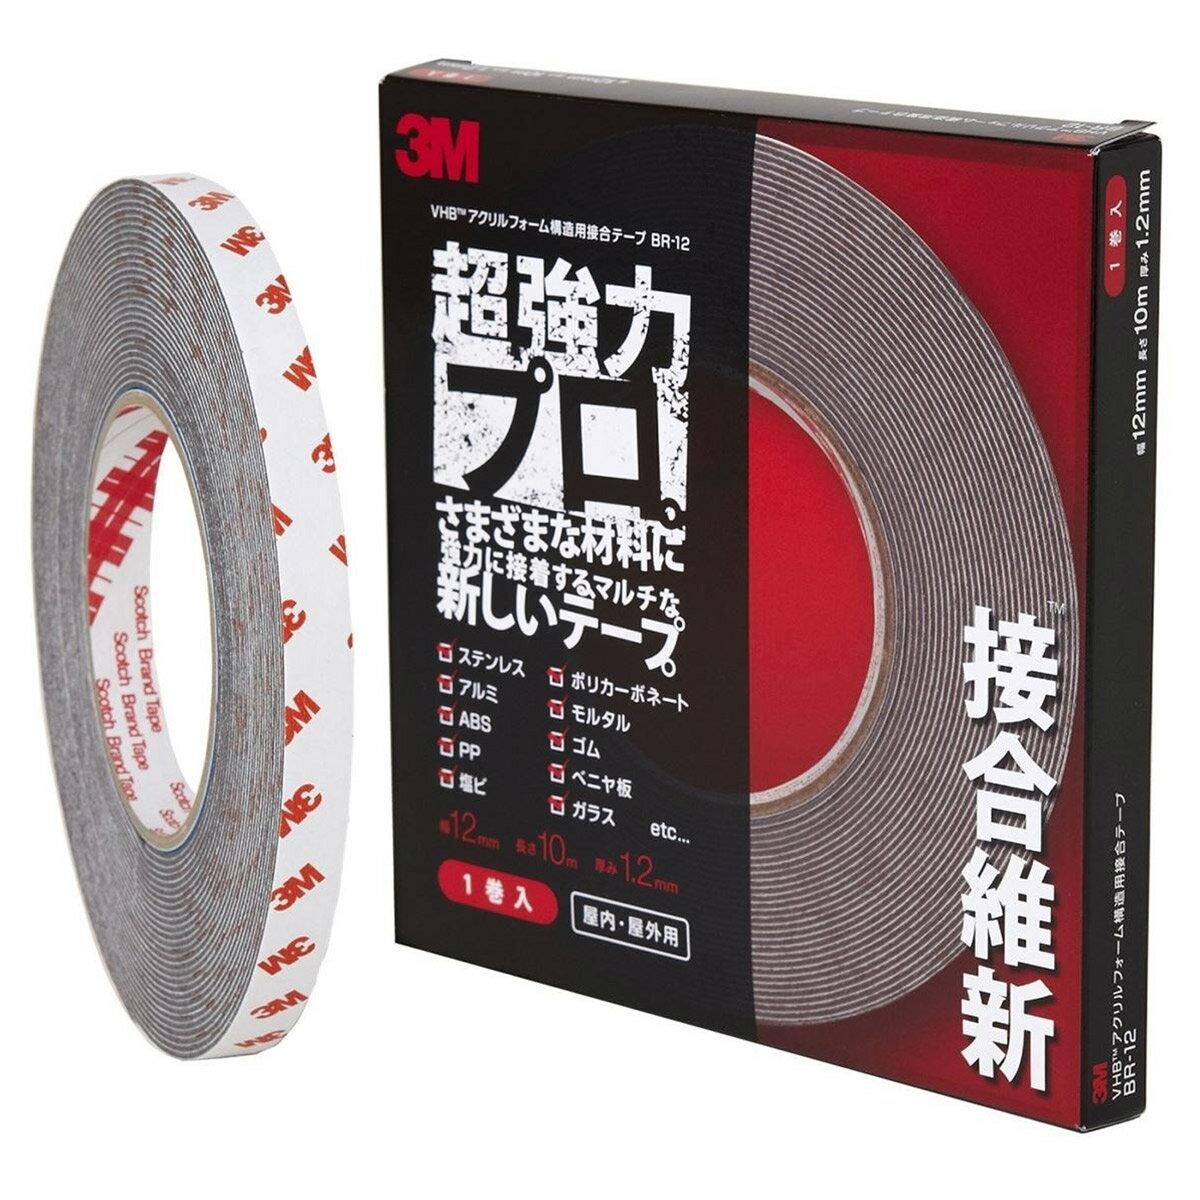 VHB 超強力構造用接合テープ